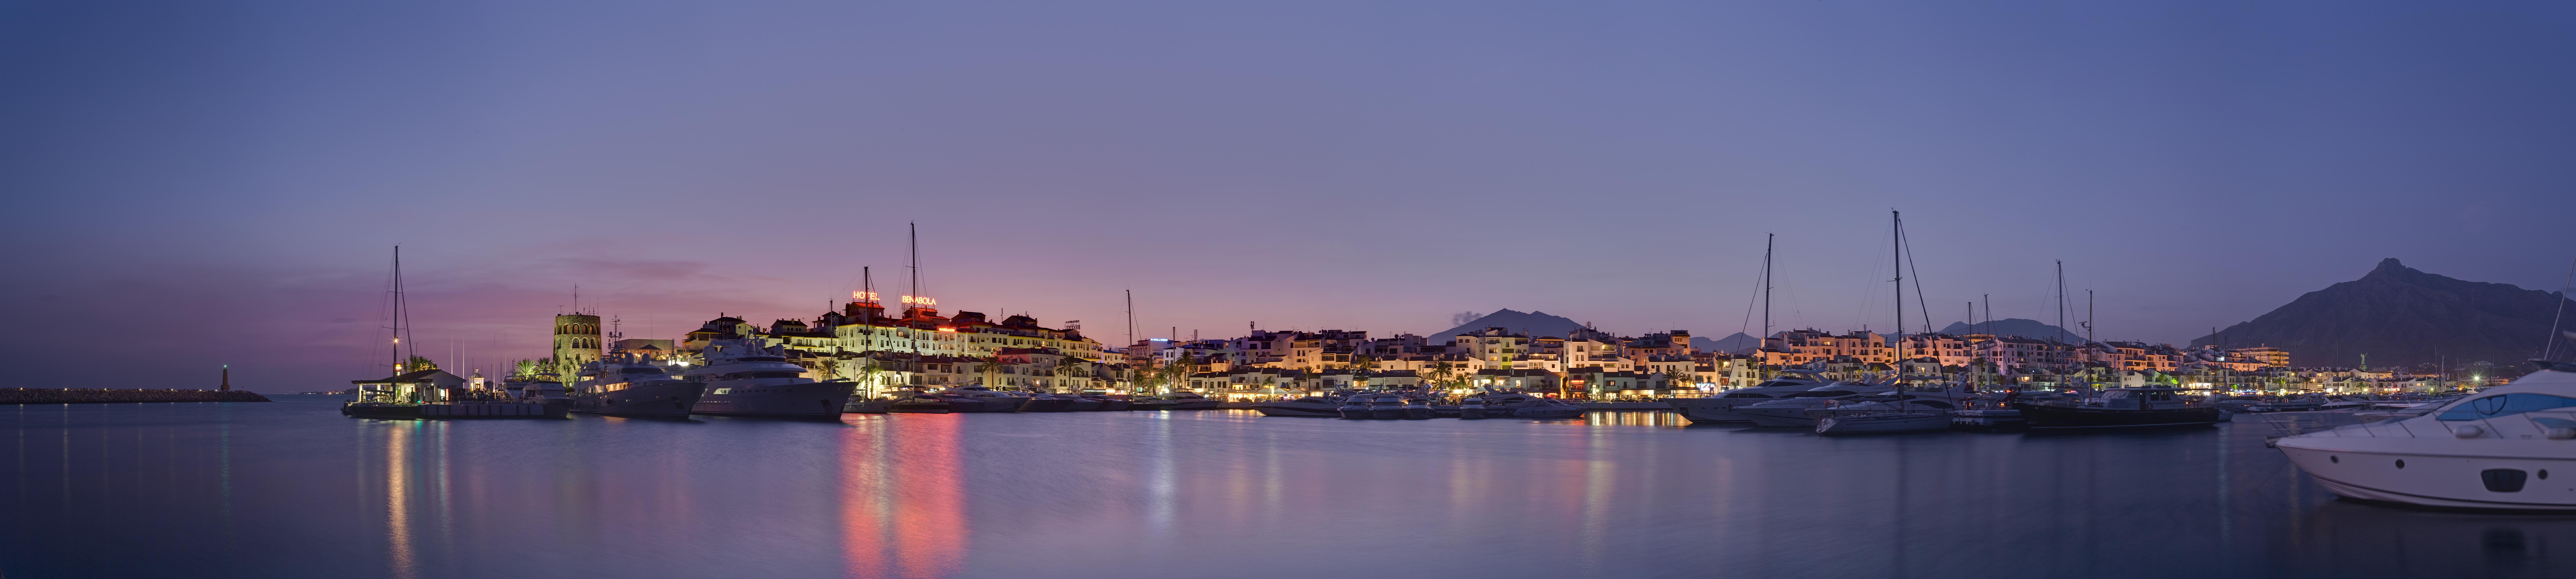 File puerto ban s dusk panorama andalucia spain sept - Puerto banus marbella ...